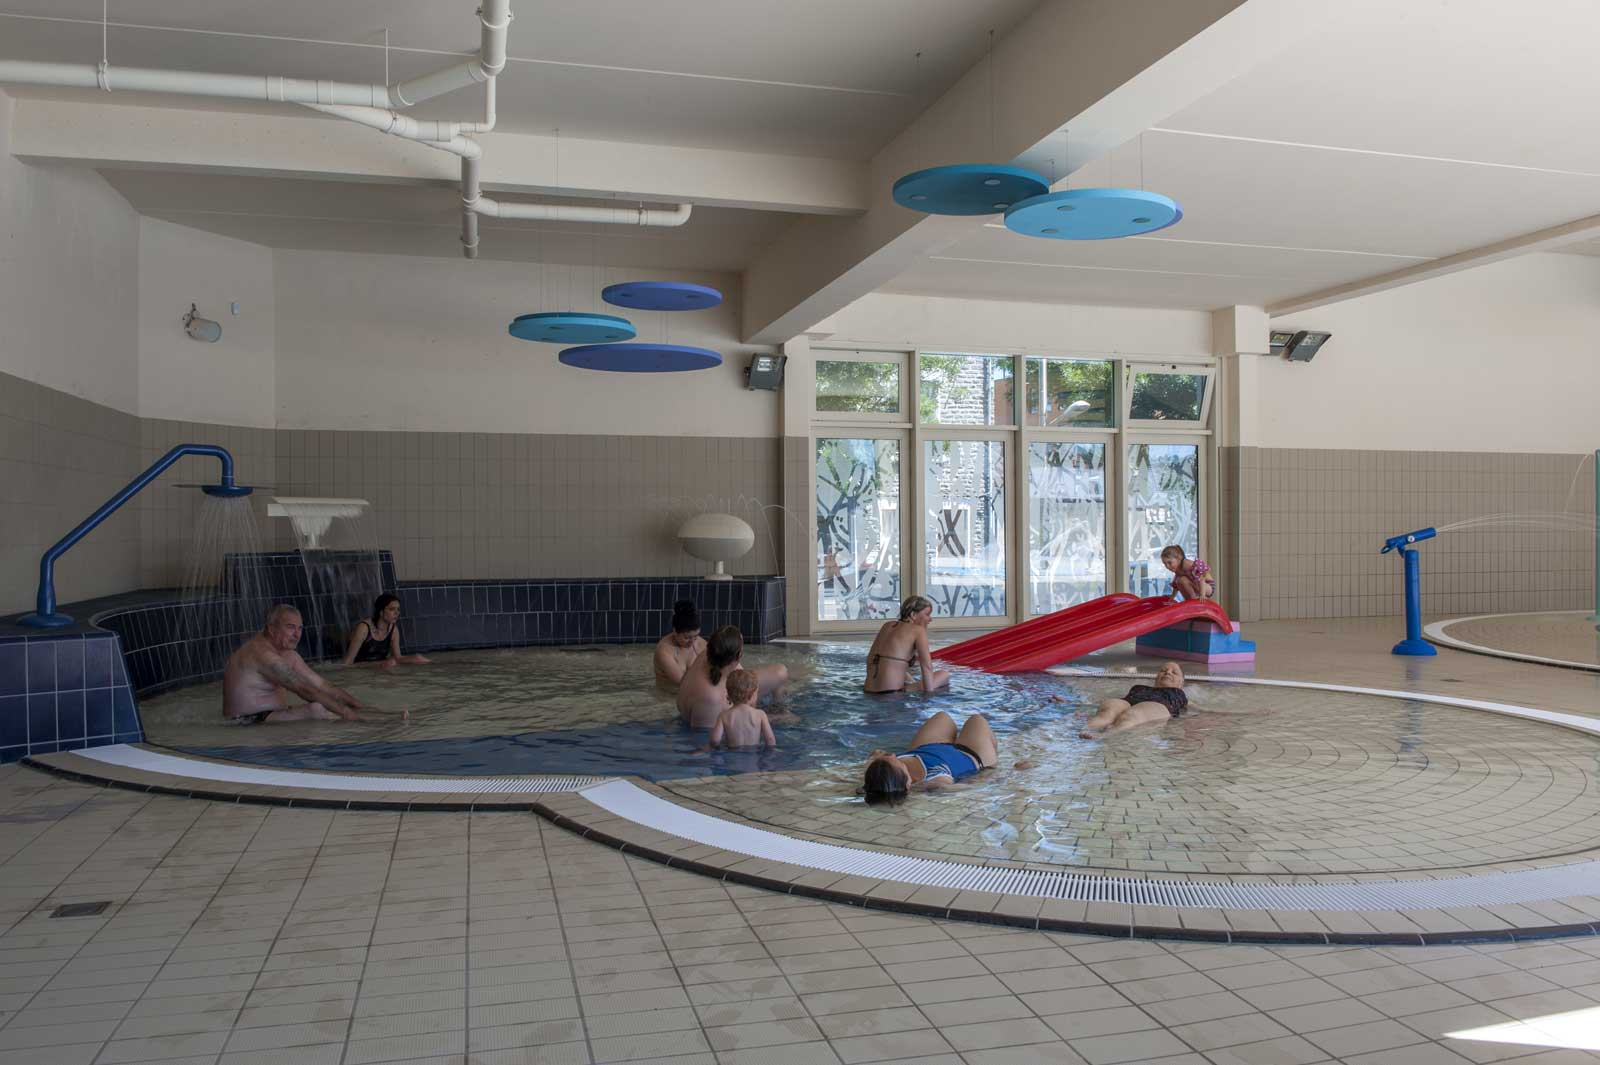 La Piscine - Espace Aquatique - Ville De Brive dedans Horaire Piscine Brive